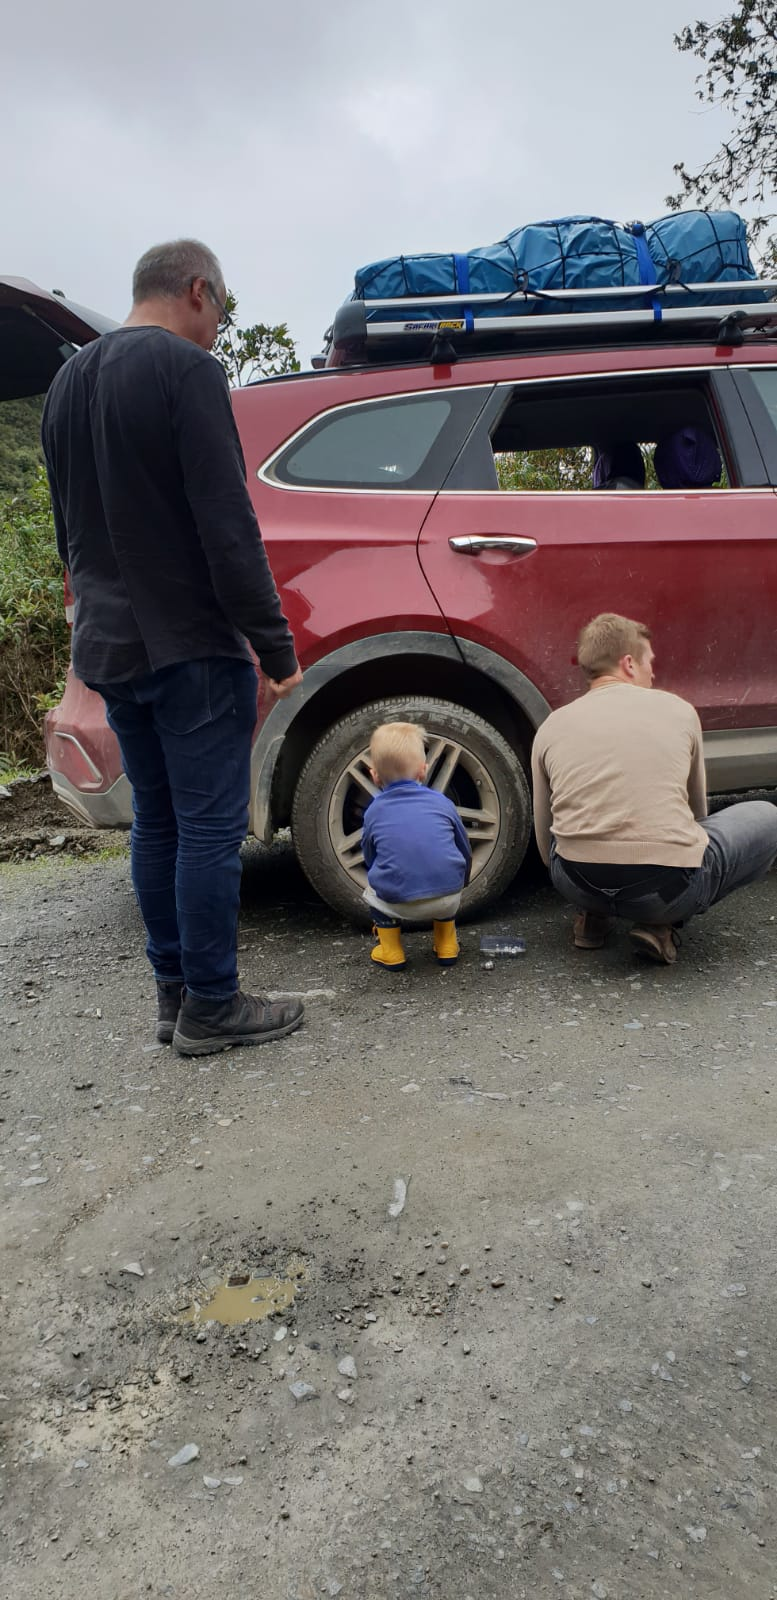 Reifenplatten auf dem Weg in den Dschungel. Die letzte Reifenreparaturmöglichkeit lag zwei Stunden hinter uns und die nächste erst am Ziel, das noch drei Stunden entfernt war.